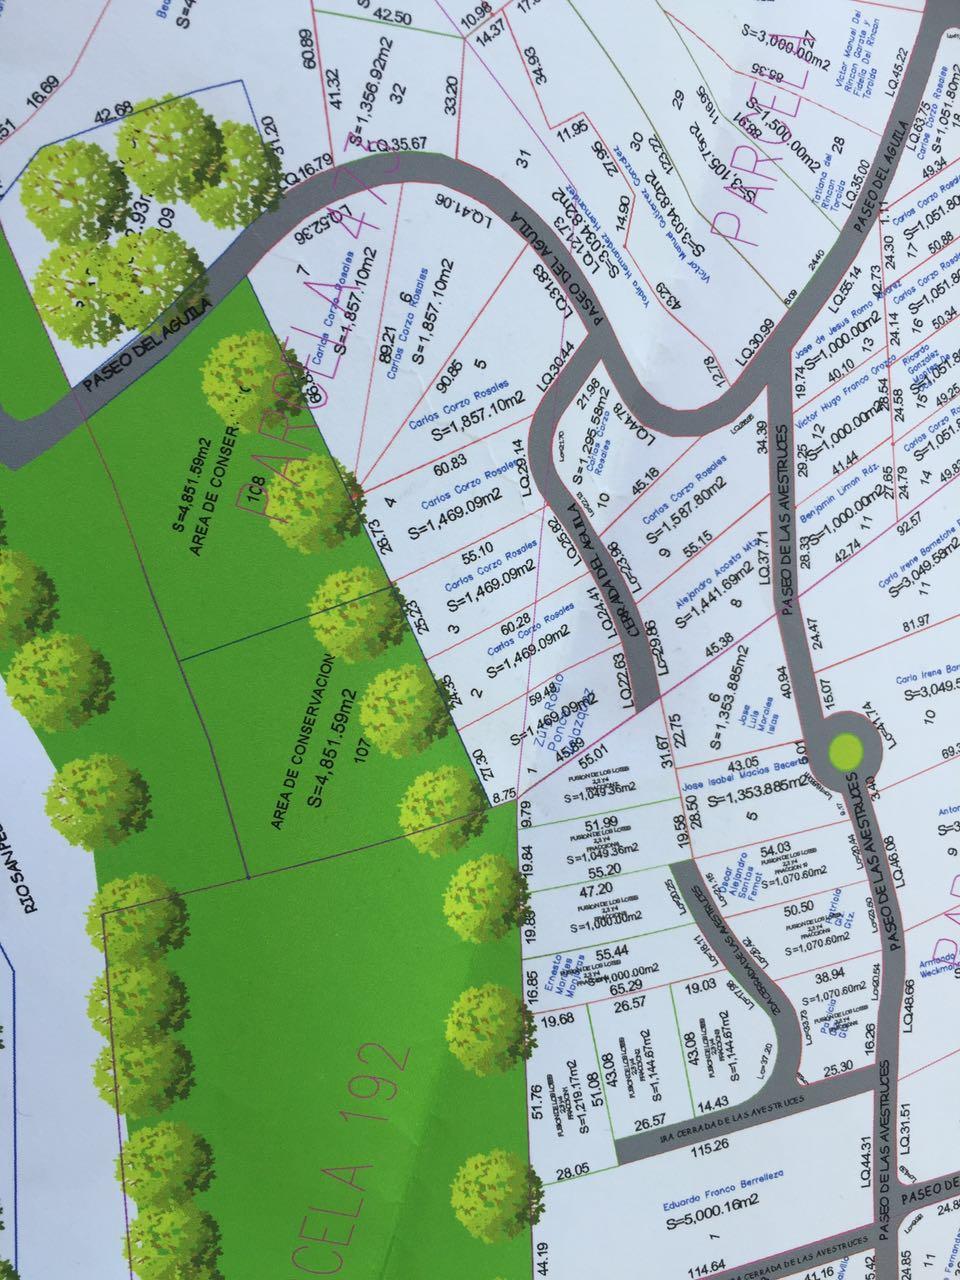 Eden Los Sabinos mapa croquis